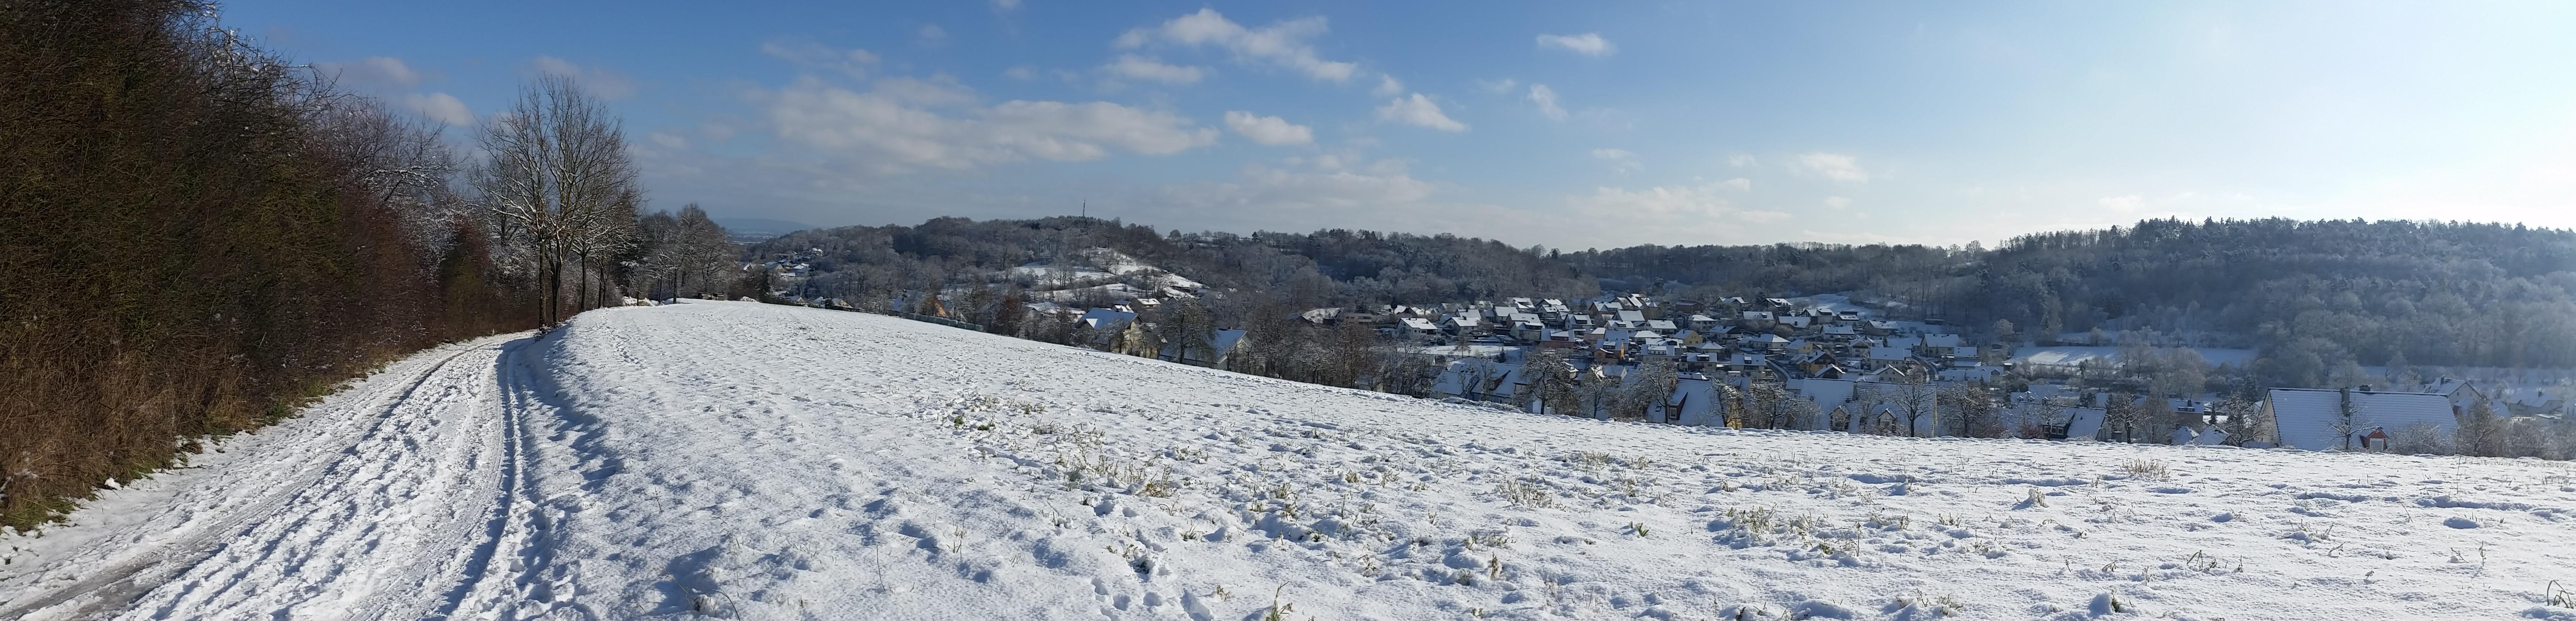 winterbild_1